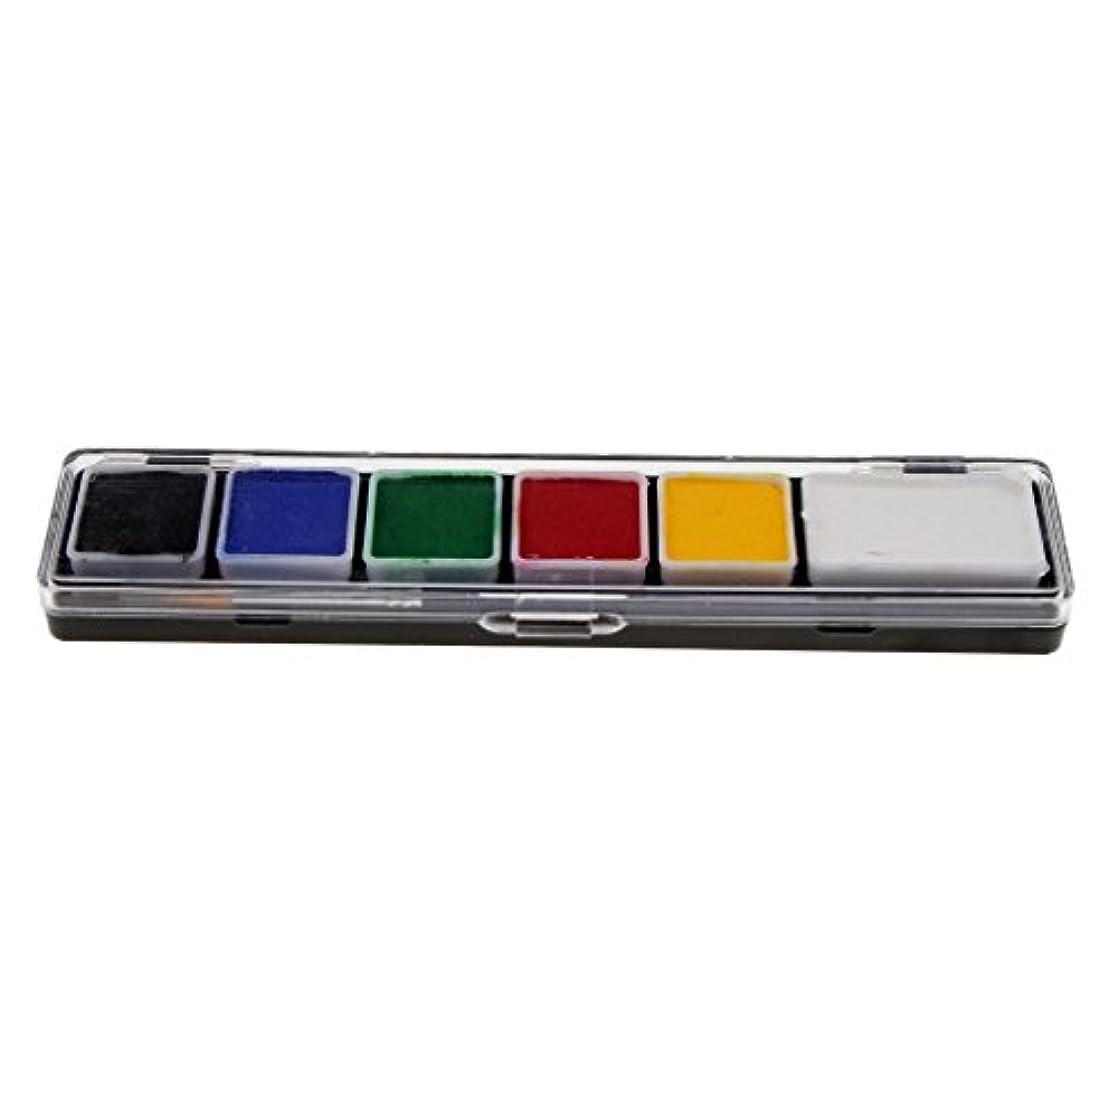 失礼バイソンスライムToygogo 6色の無毒なフェイス&ボディペイントペイントブラシキットと派手なパーティーアートツール - RT005A